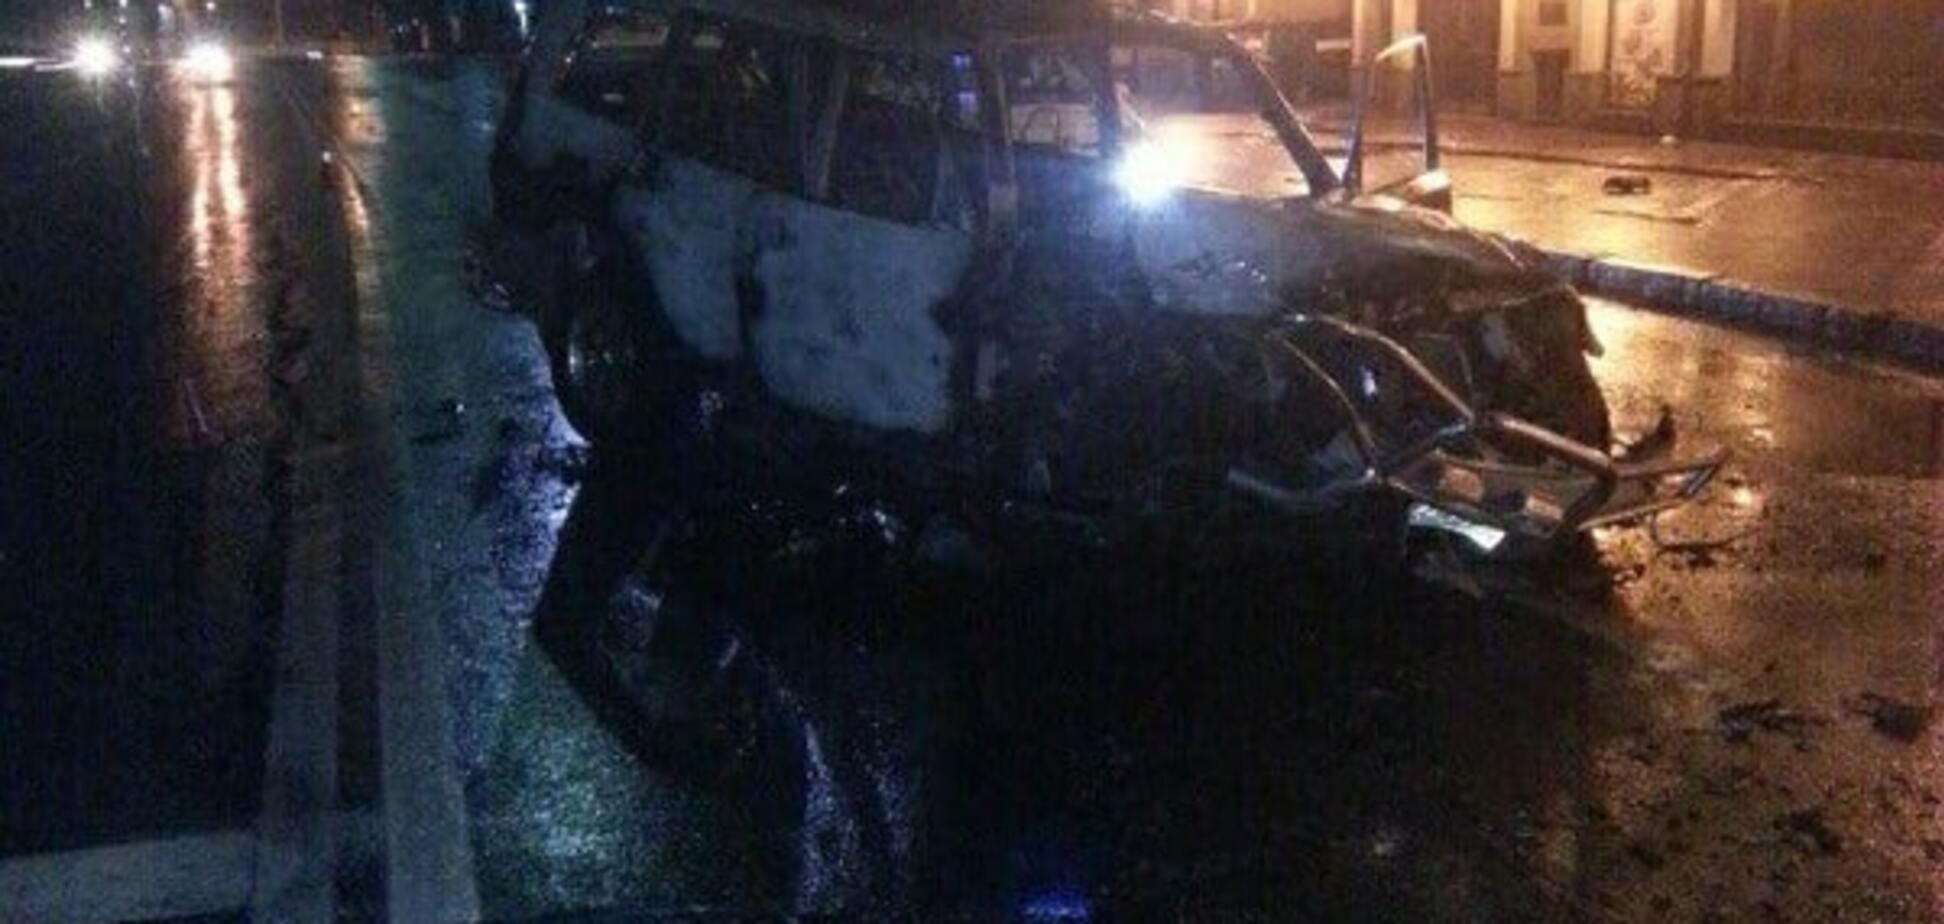 П'яна ДТП у Києві: працівник СТО протаранив стовп, машина згоріла